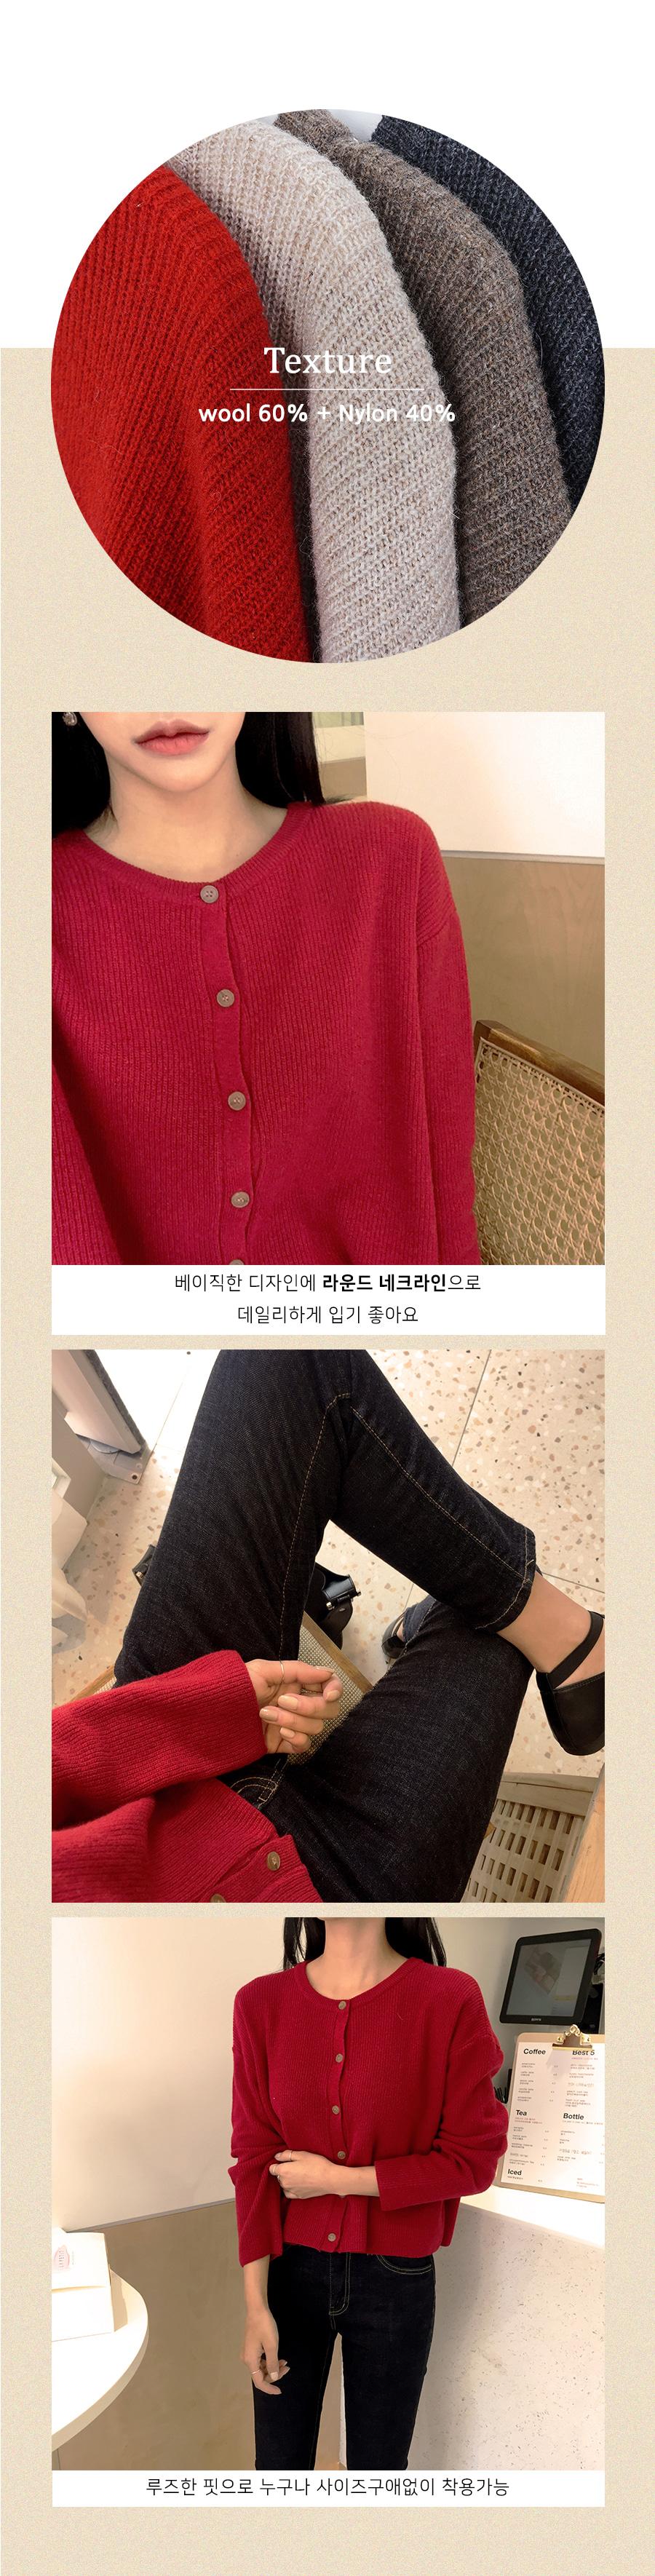 Melody crop cardigan